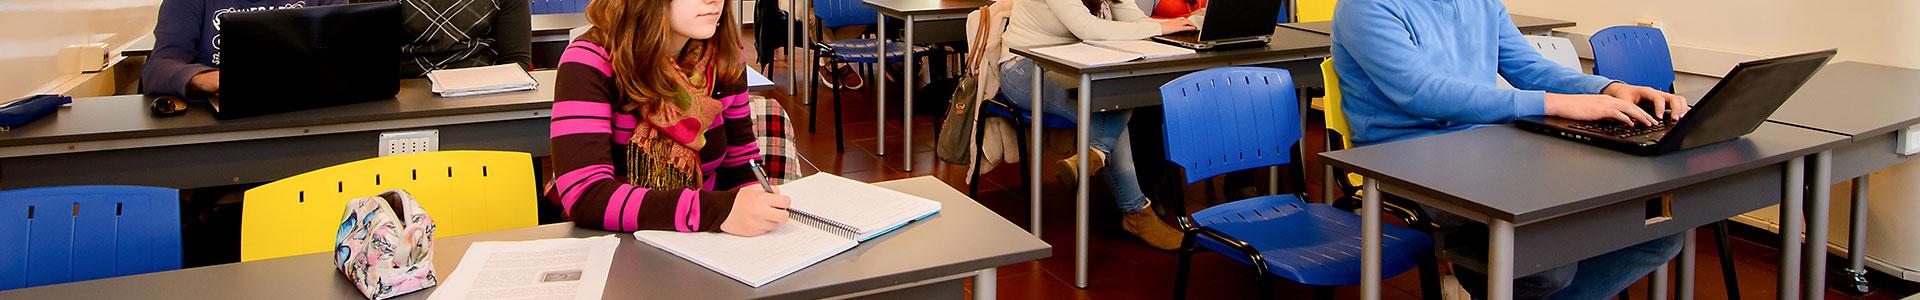 Facultad de Comunicaciòn y Diseño - Universidad ORT Uruguay